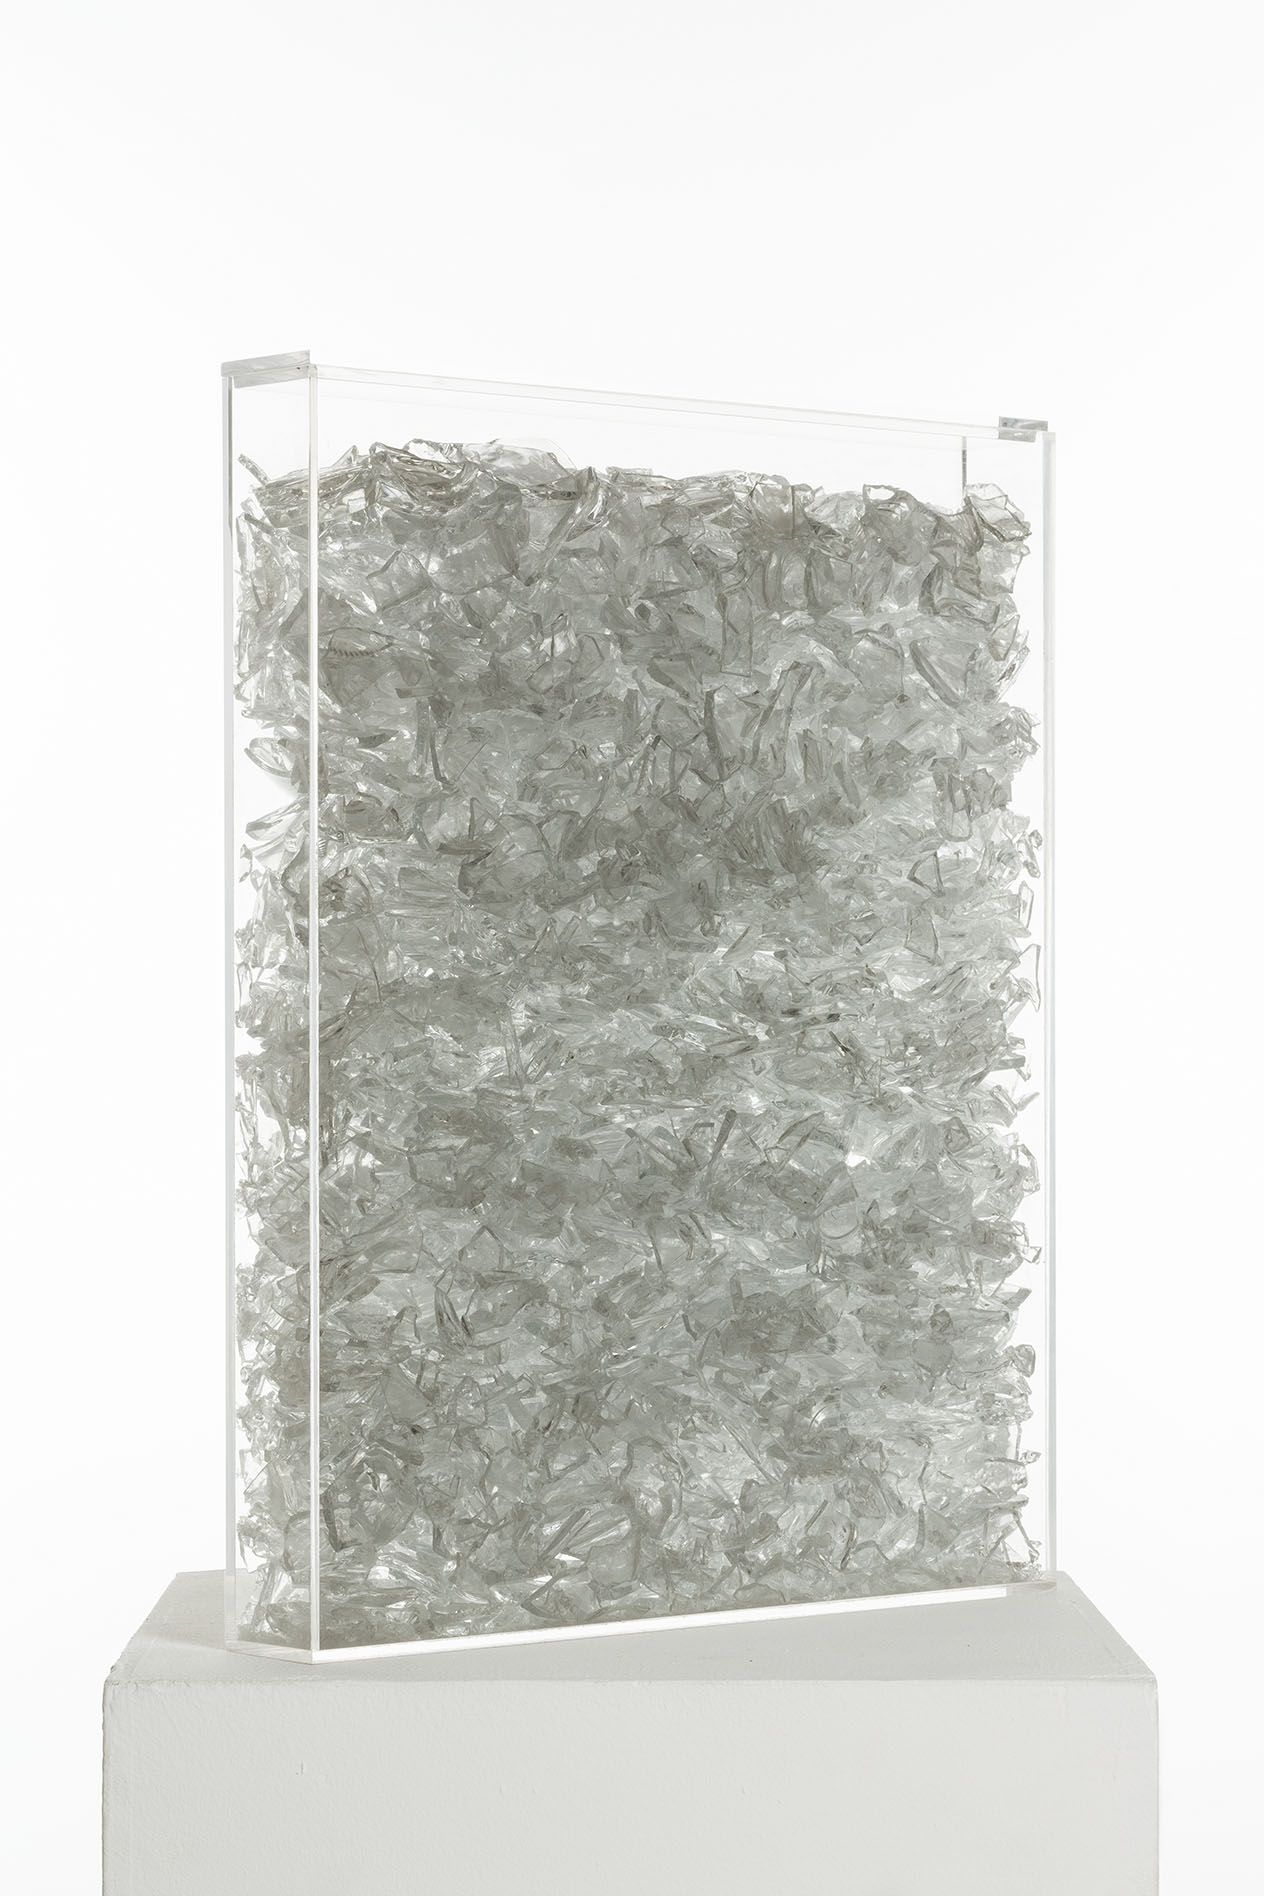 Box in Box, 2014. 50 x 40 x 6 cm